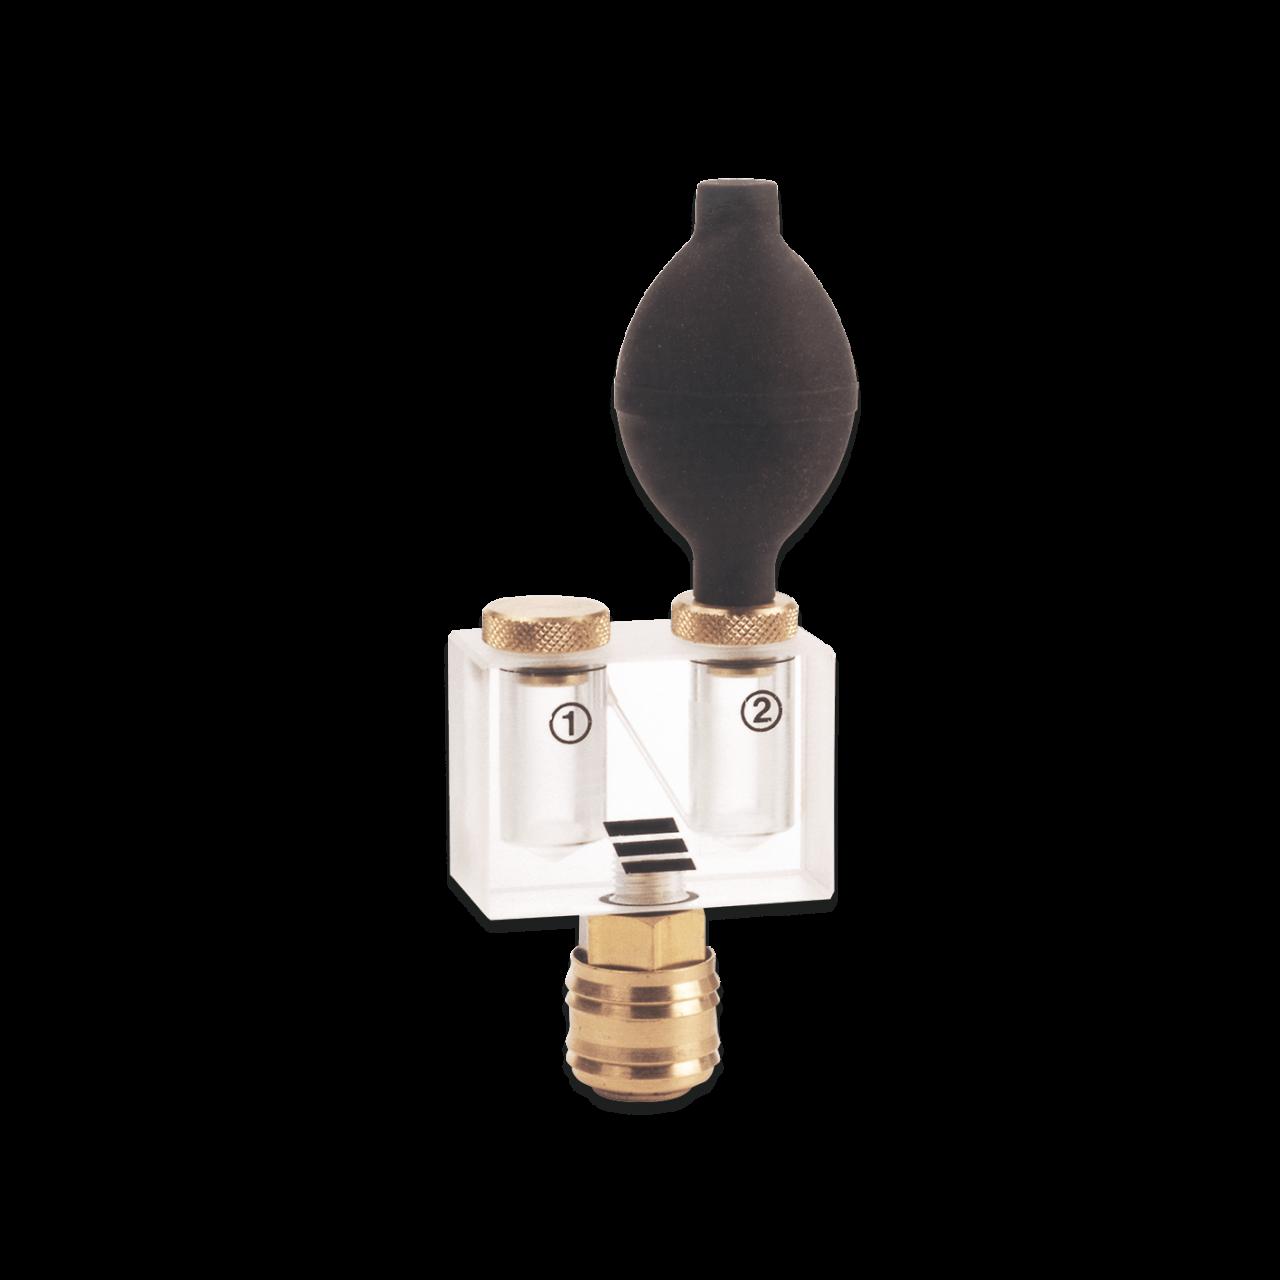 Zylinderkopf-Dichtigkeits-Prüfgerät Bild 1